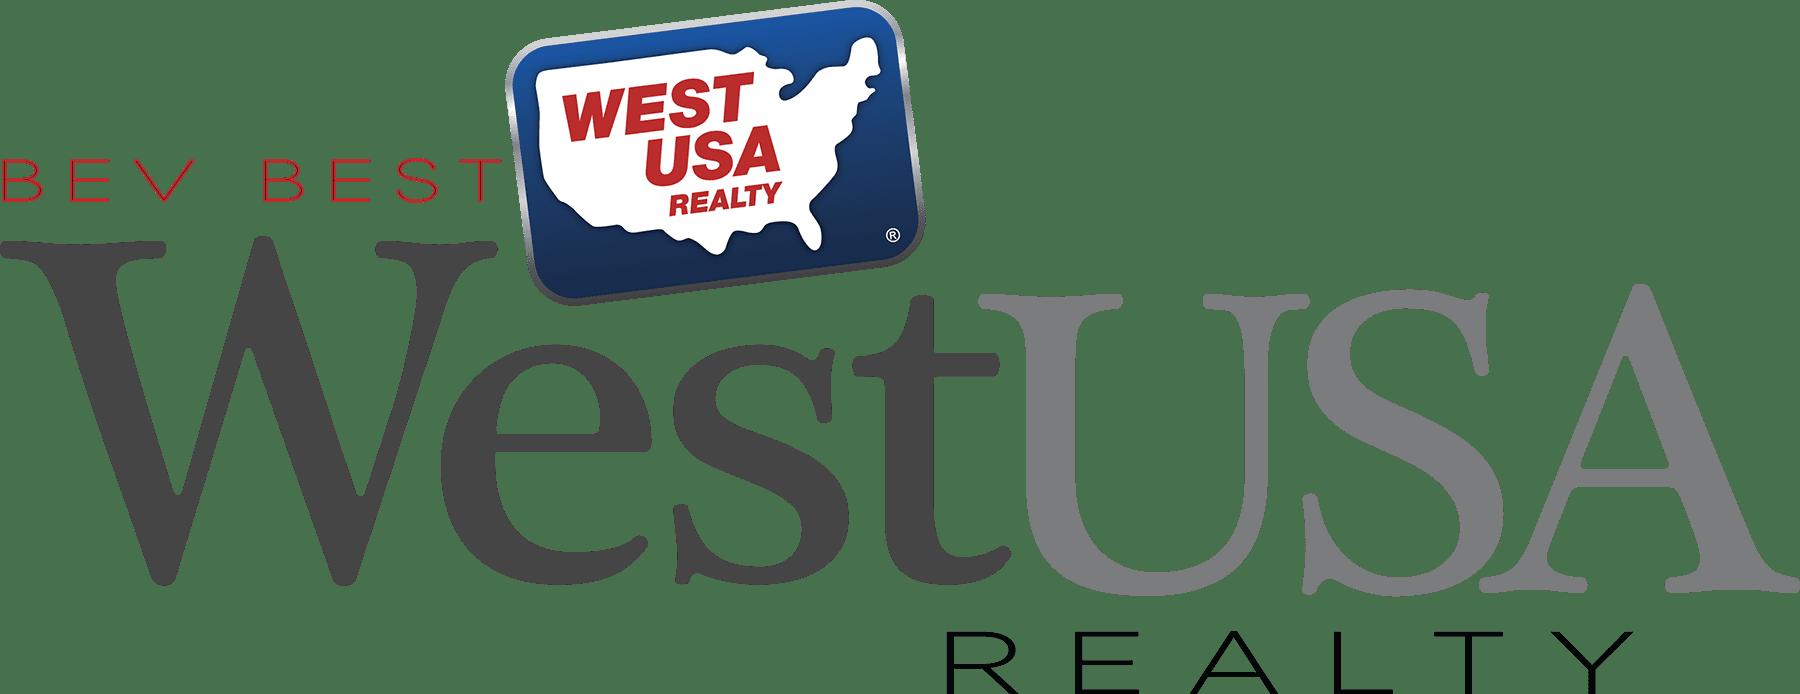 Bev Best, REALTOR®, WestUSA Realty logo (image)